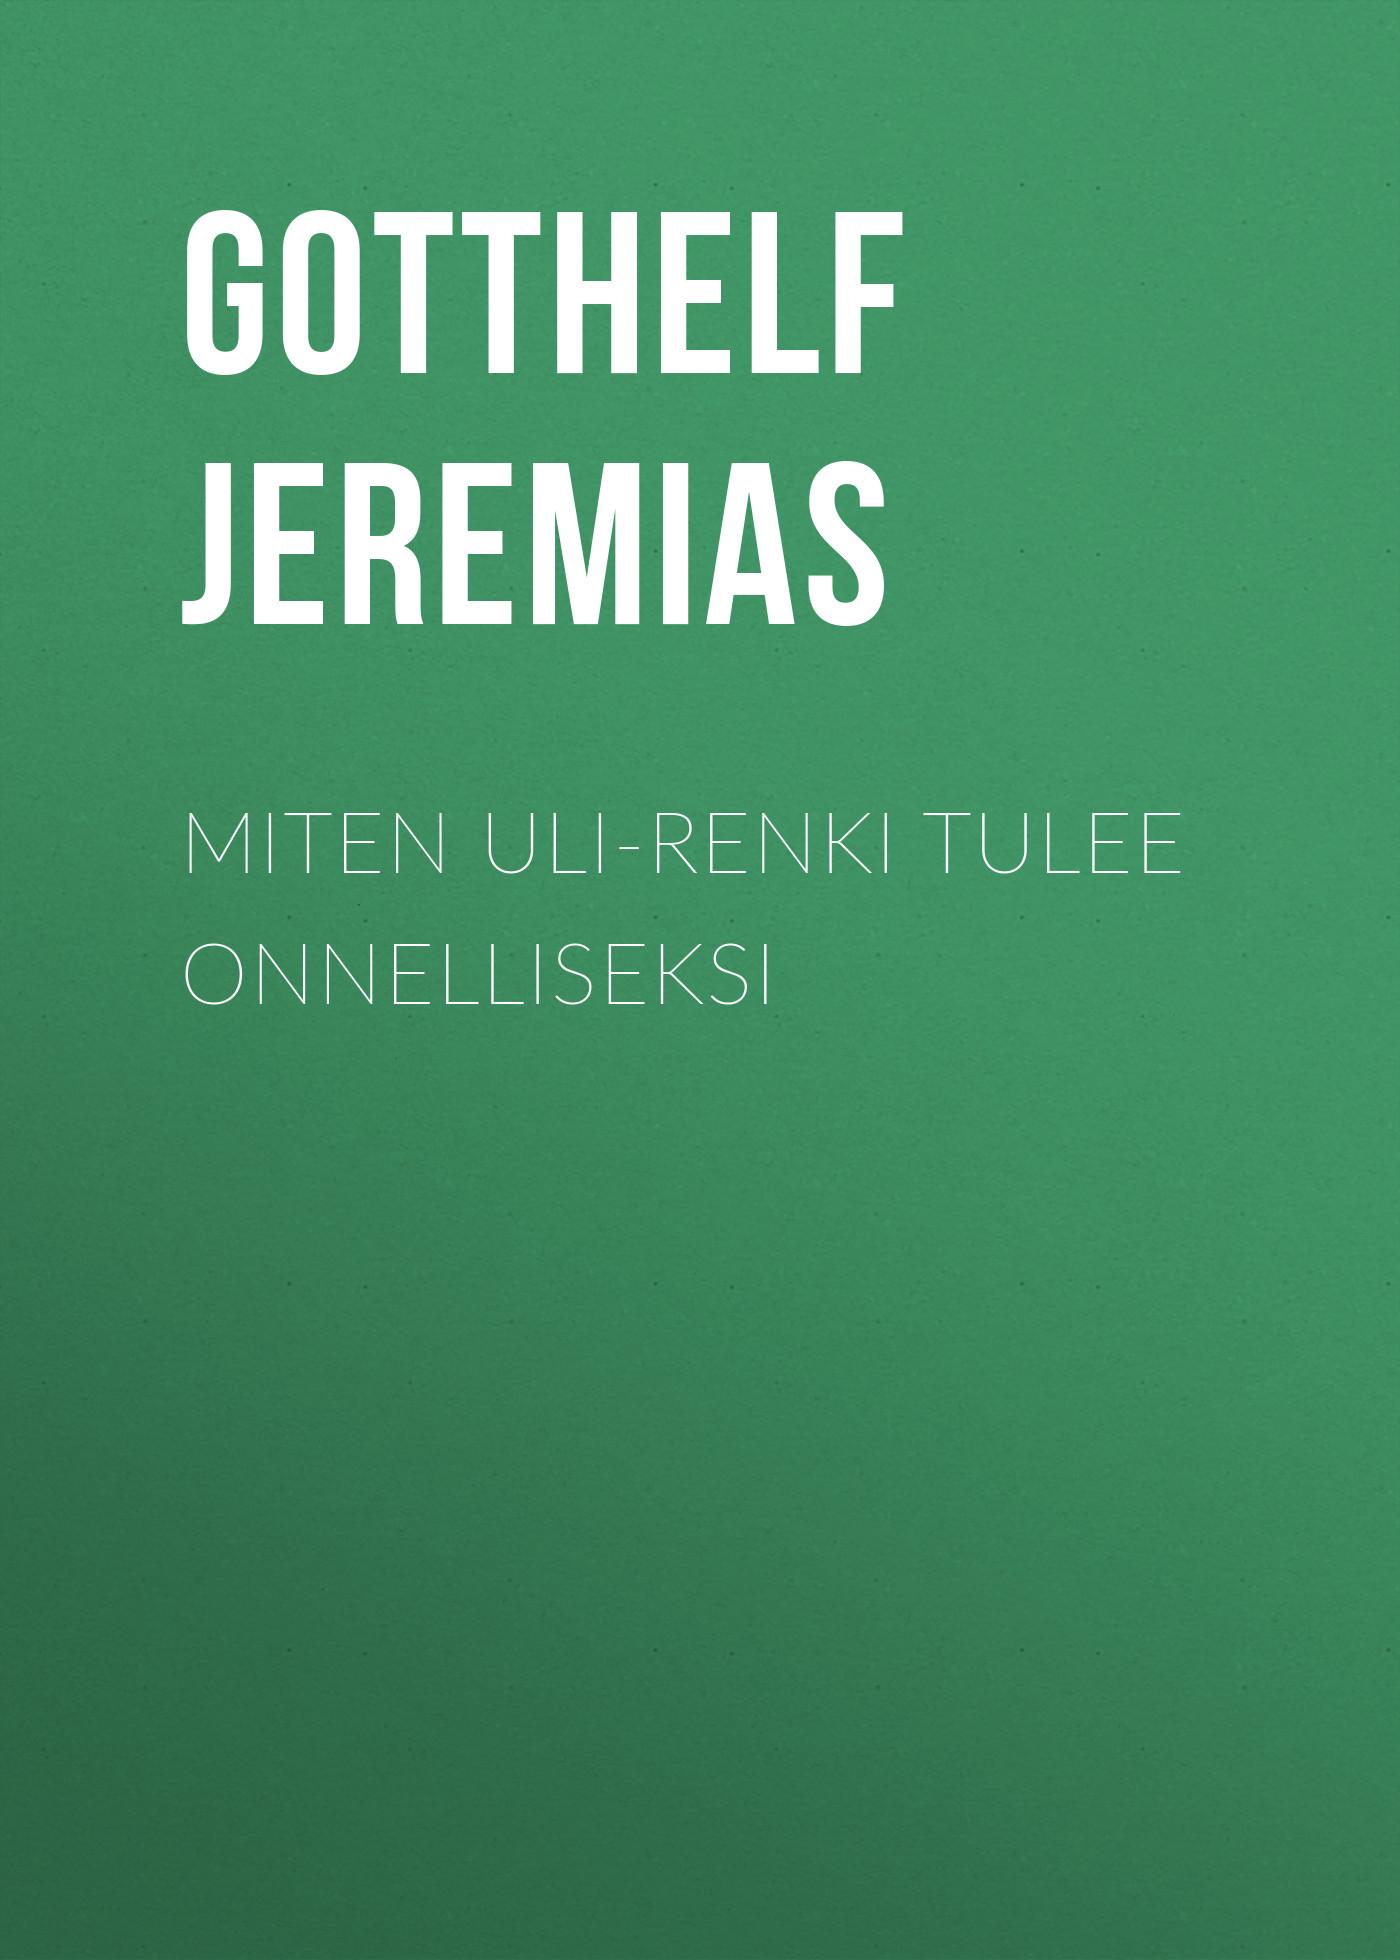 Gotthelf Jeremias Miten Uli-renki tulee onnelliseksi